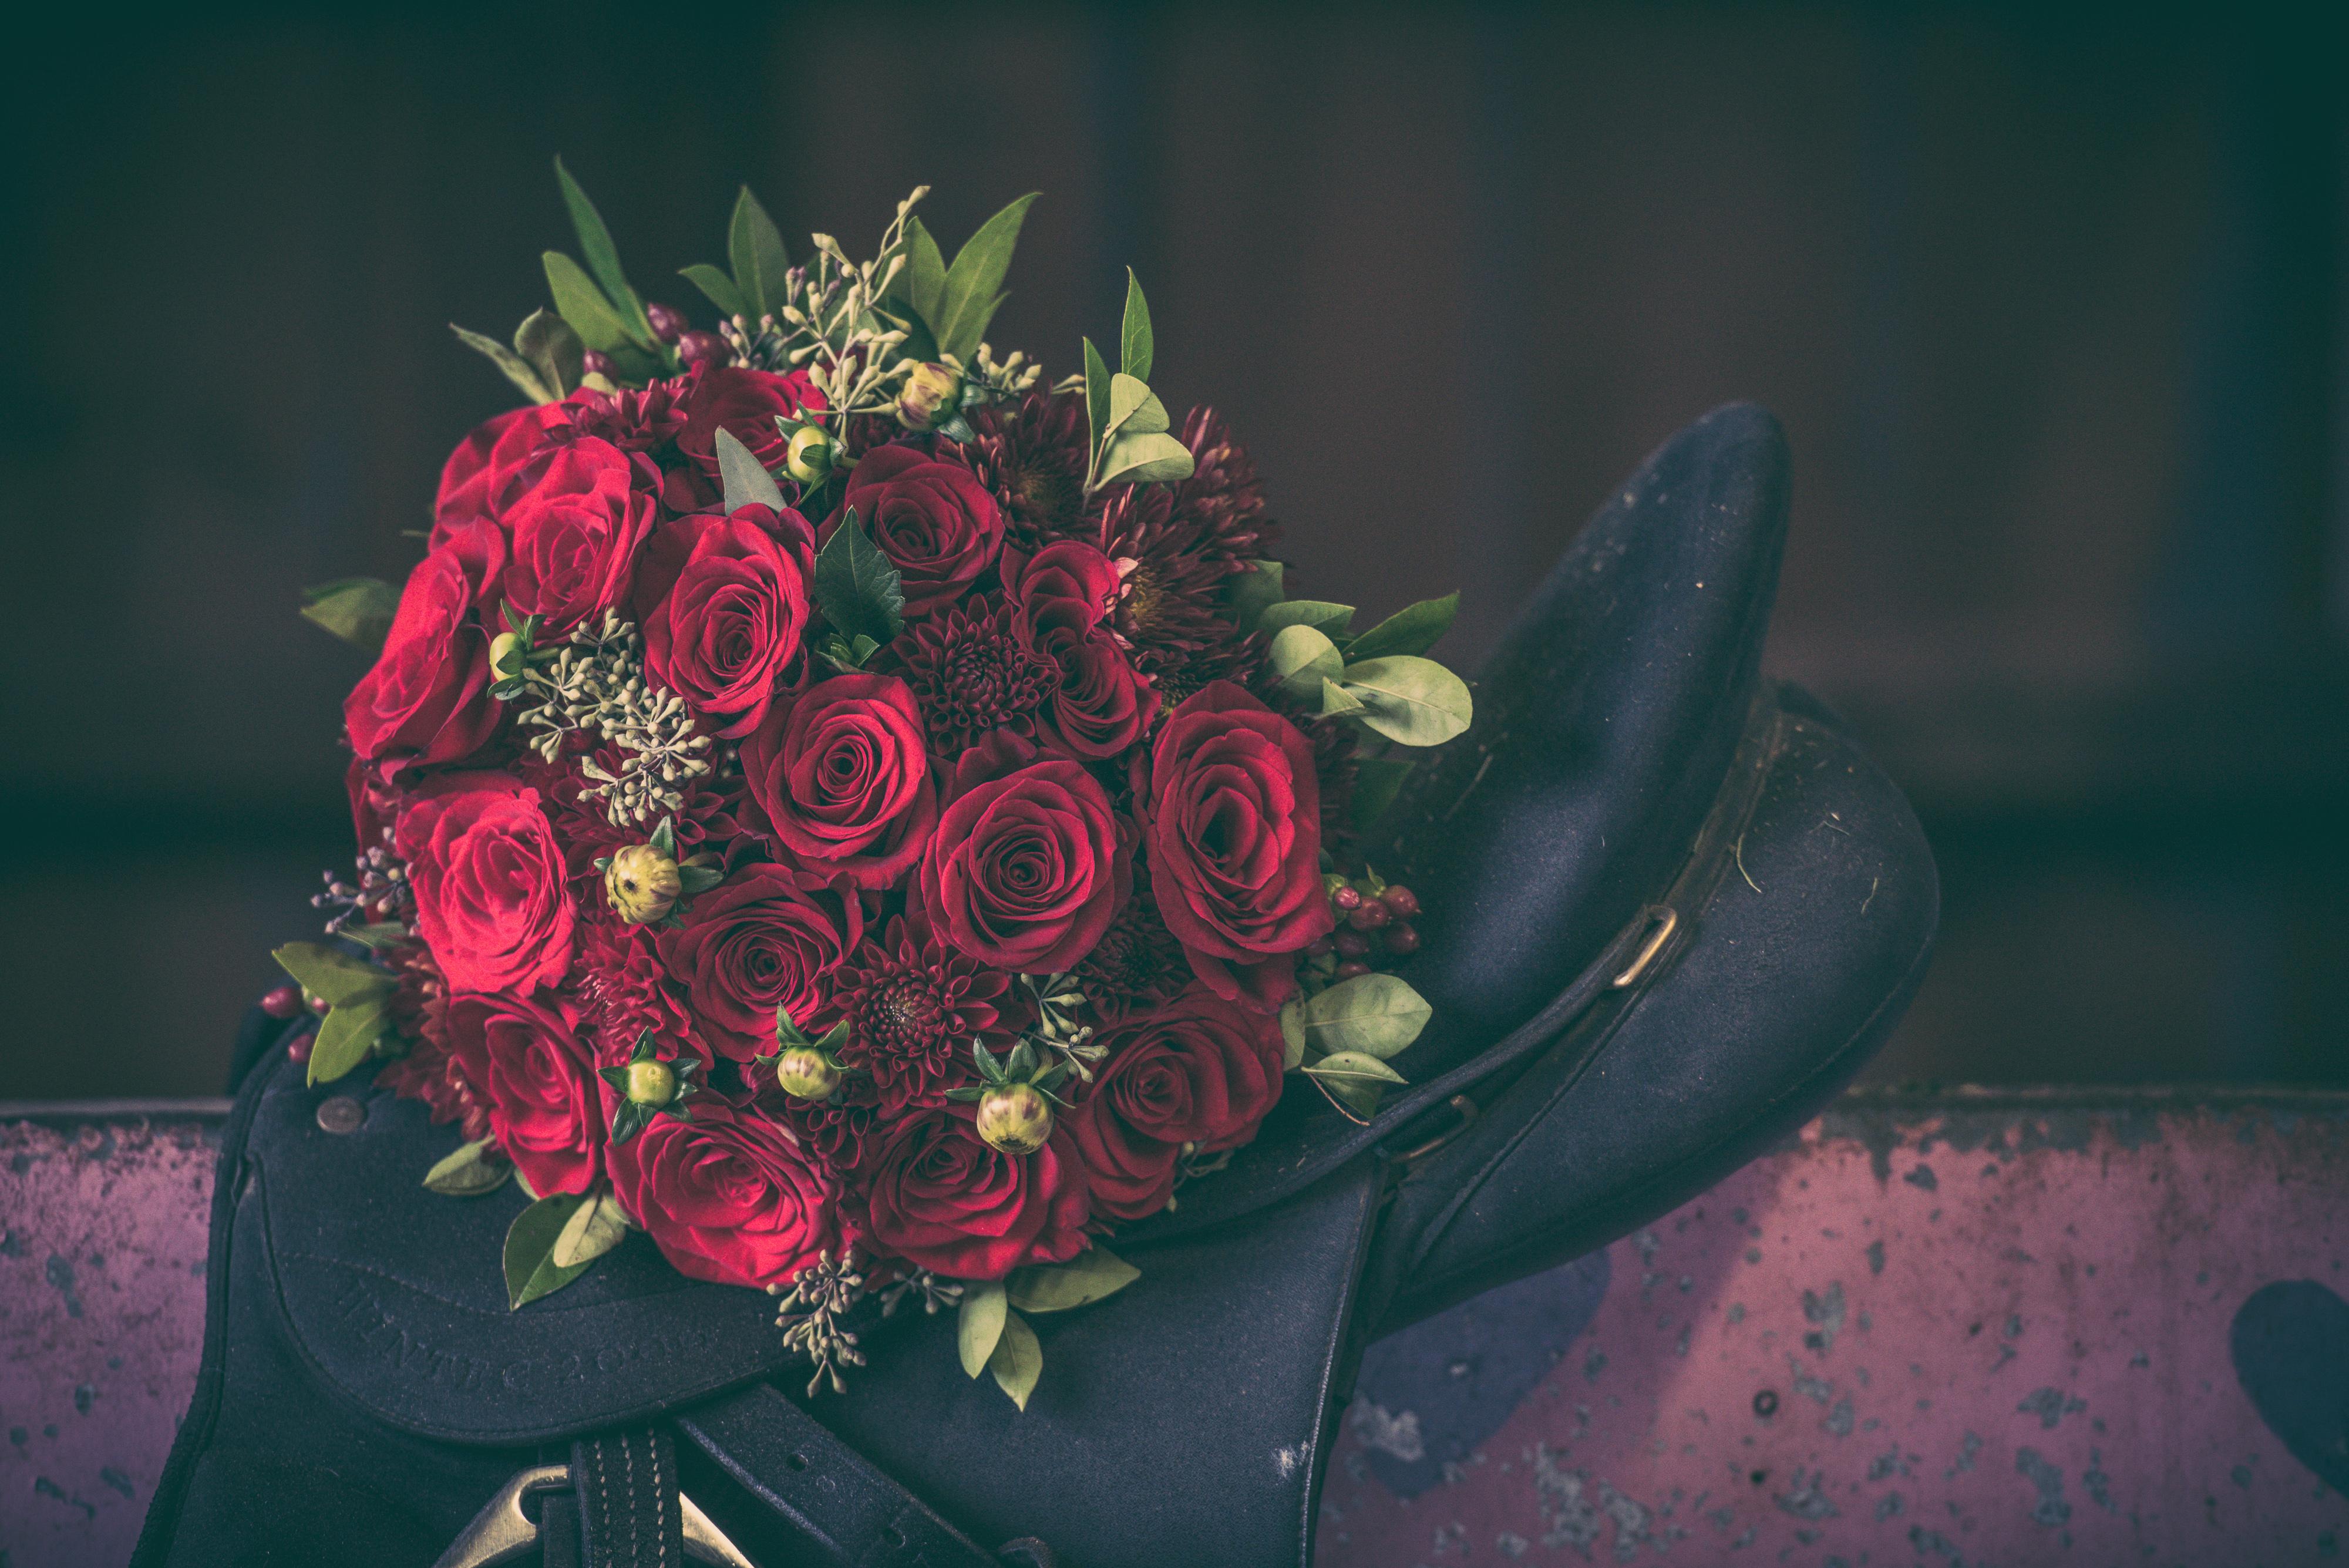 Bouquet on Horse's Saddle | Lotus Wedding Photography